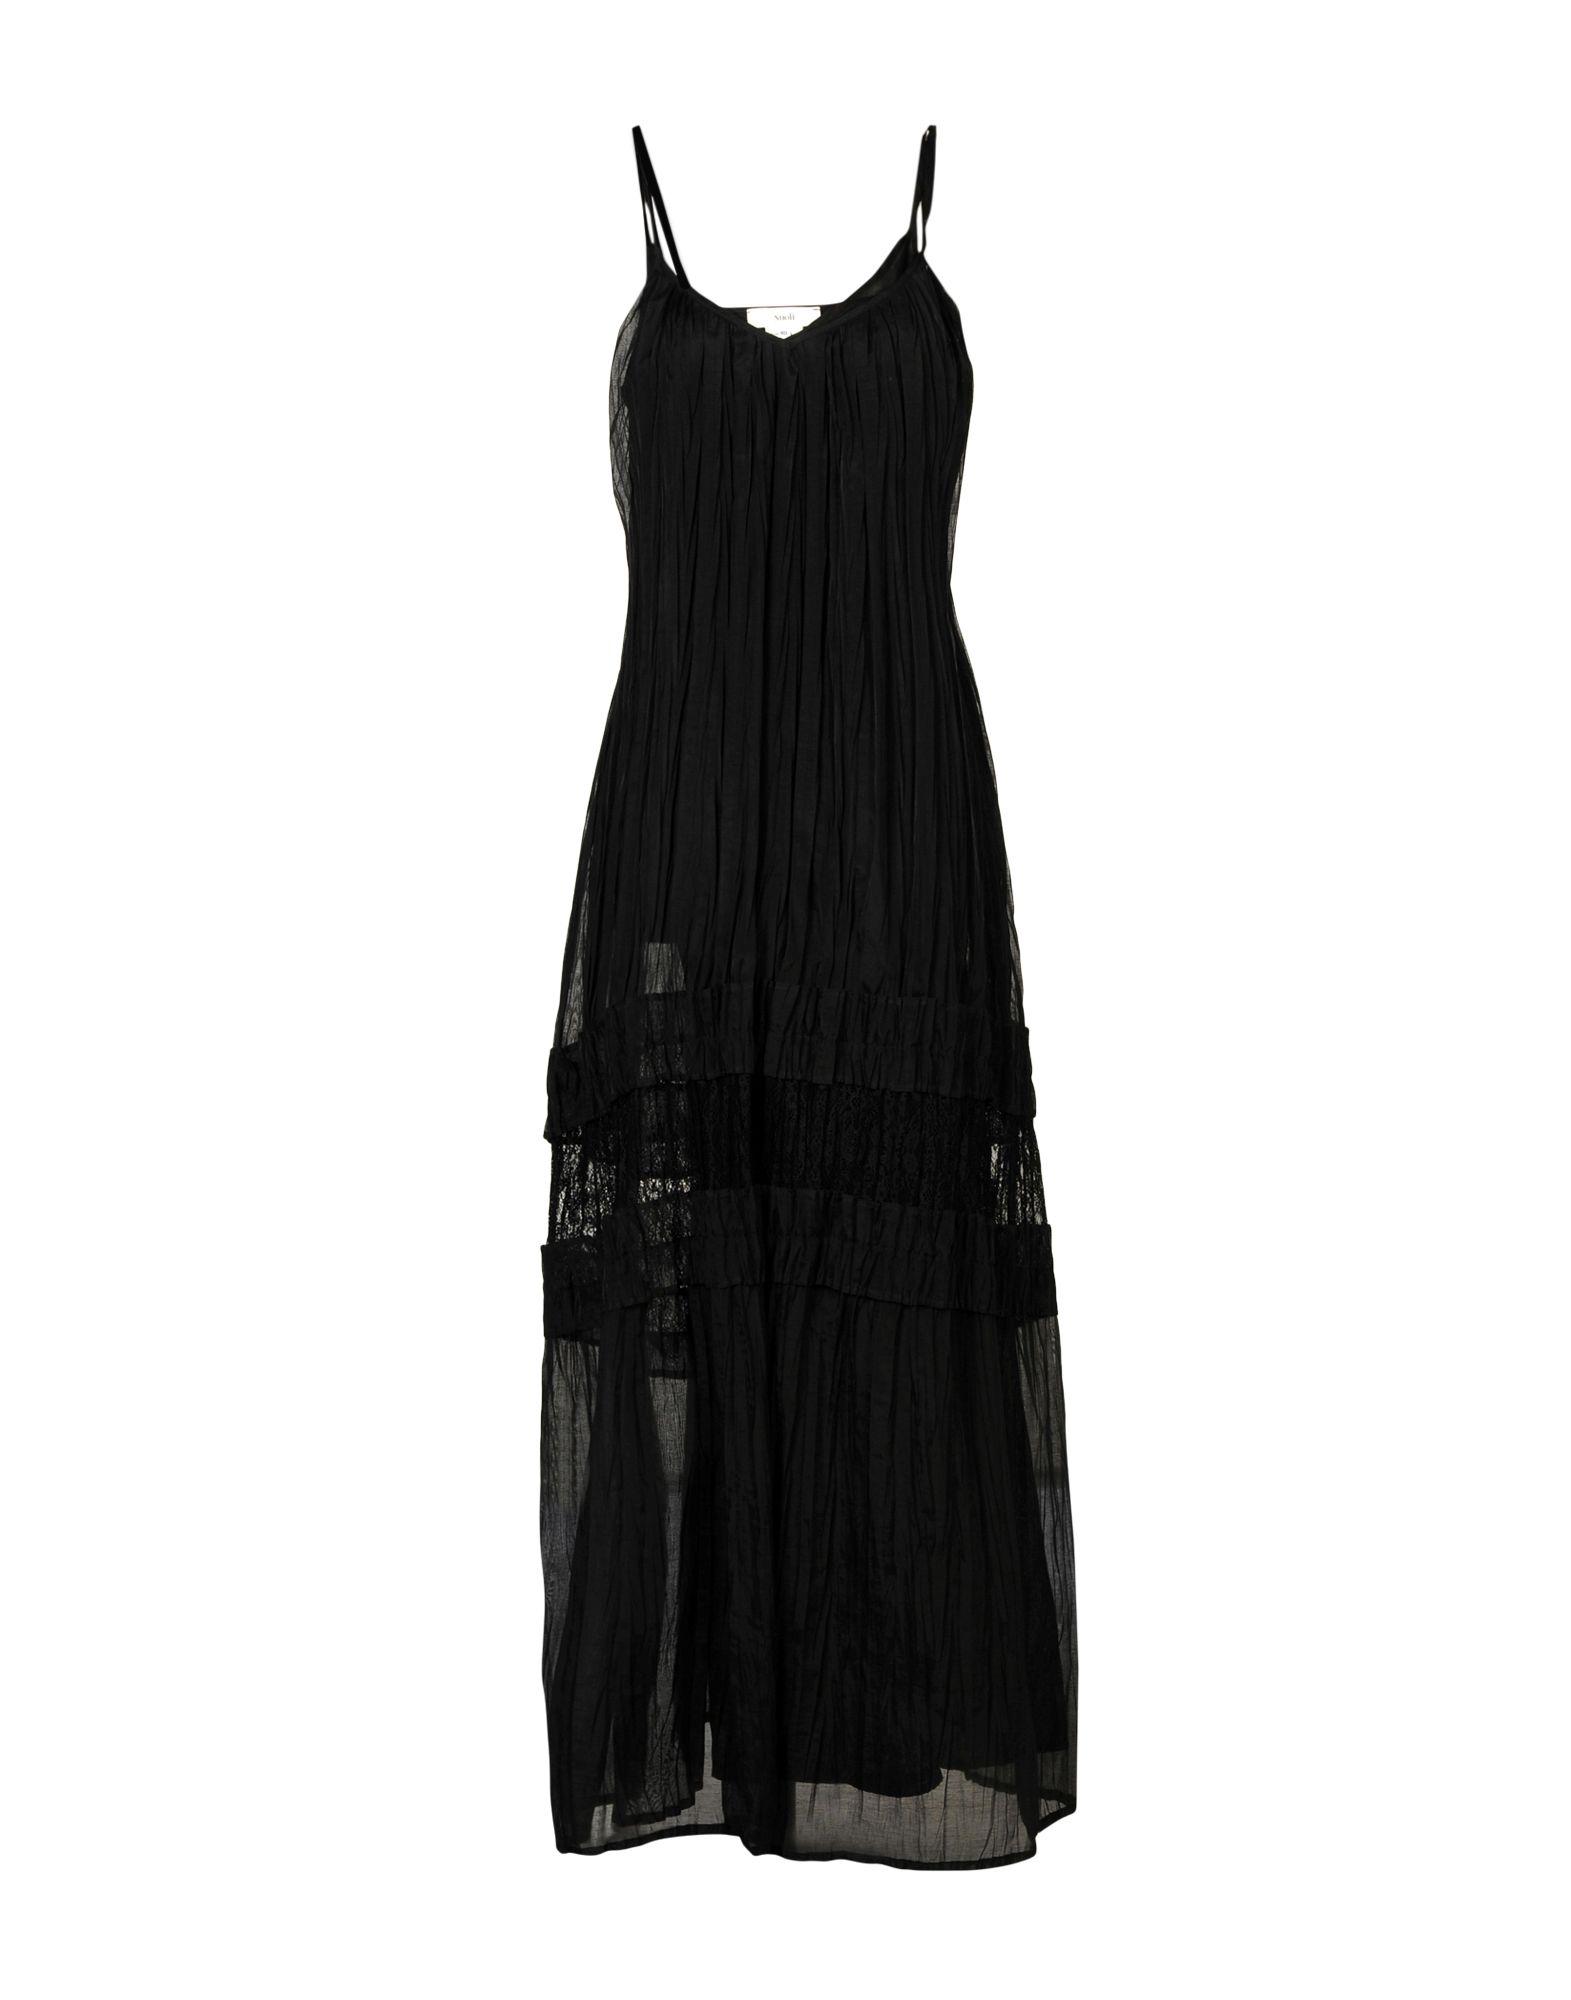 SUOLI Damen Langes Kleid Farbe Schwarz Größe 3 - broschei